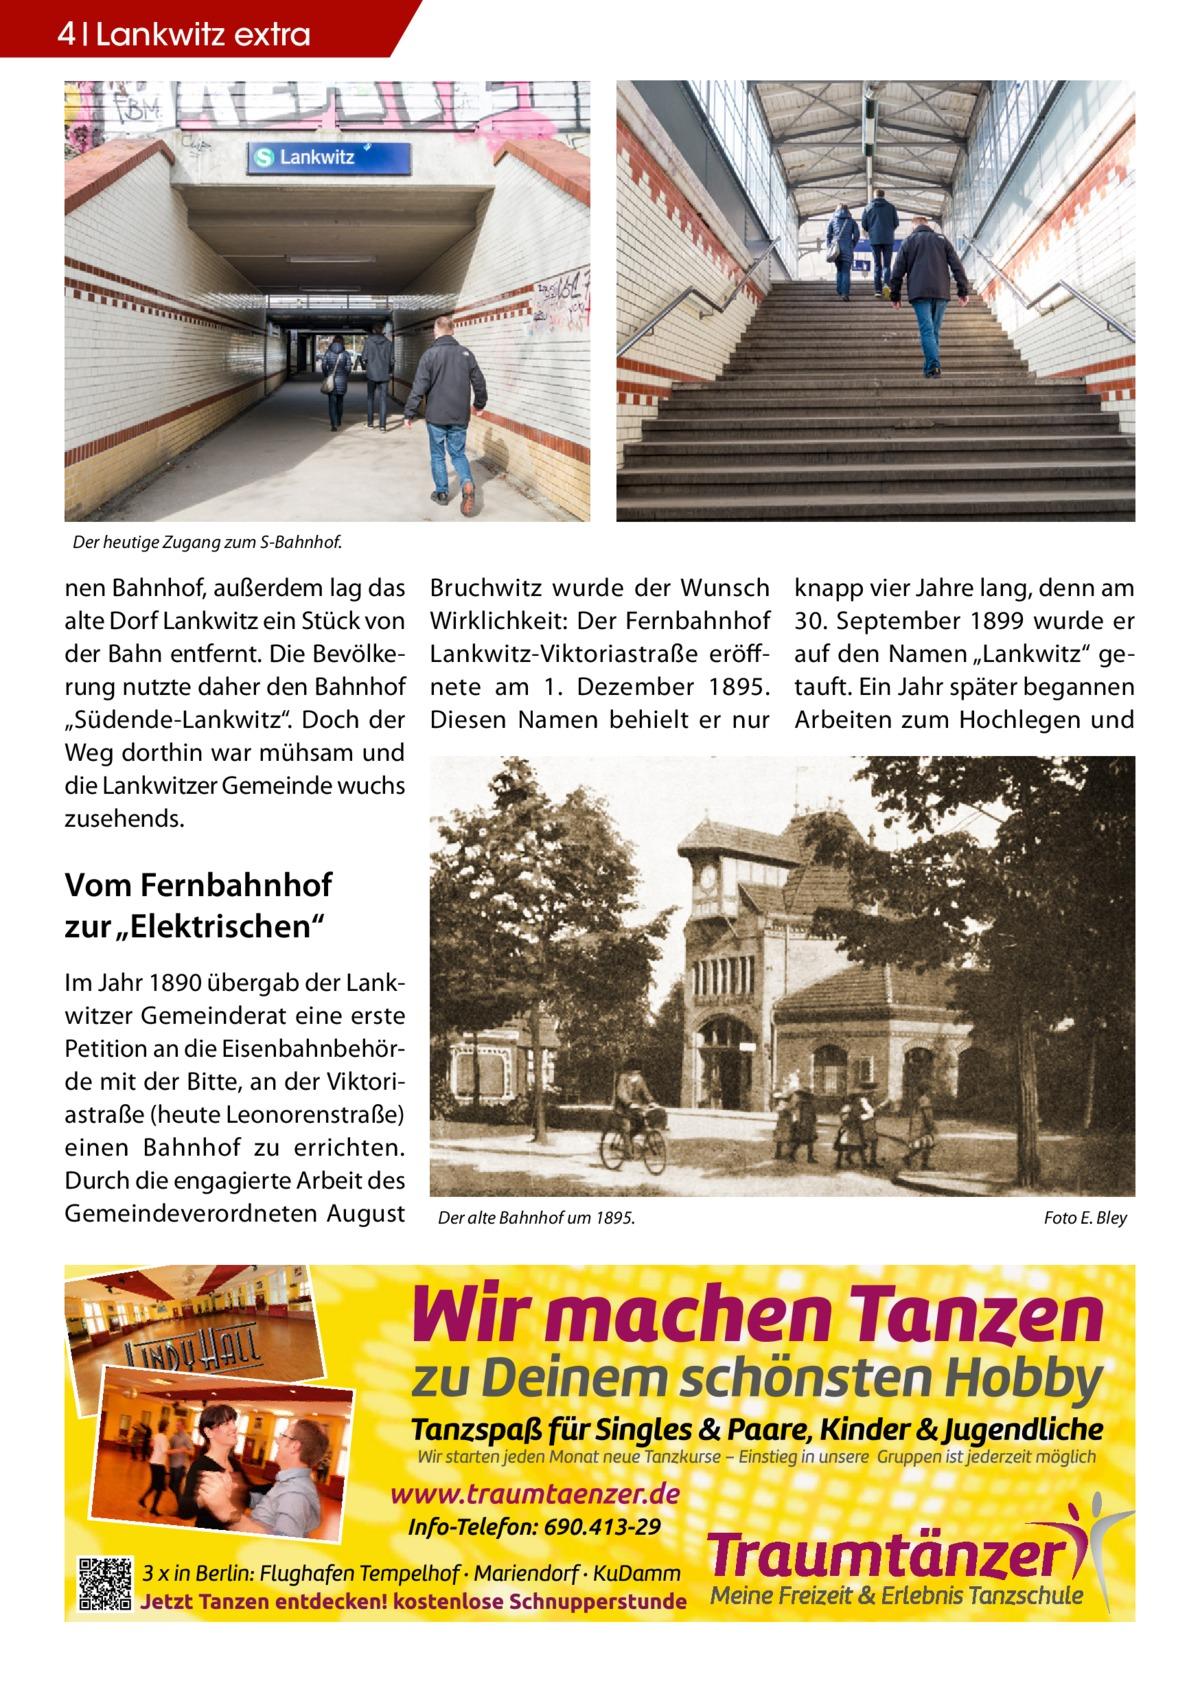 """4 Lankwitz extra  Der heutige Zugang zum S-Bahnhof.  nen Bahnhof, außerdem lag das alte Dorf Lankwitz ein Stück von der Bahn entfernt. Die Bevölkerung nutzte daher den Bahnhof """"Südende-Lankwitz"""". Doch der Weg dorthin war mühsam und die Lankwitzer Gemeinde wuchs zusehends.  Bruchwitz wurde der Wunsch Wirklichkeit: Der Fernbahnhof Lankwitz-Viktoriastraße eröffnete am 1. Dezember 1895. Diesen Namen behielt er nur  knapp vier Jahre lang, denn am 30. September 1899 wurde er auf den Namen """"Lankwitz"""" getauft. Ein Jahr später begannen Arbeiten zum Hochlegen und  Vom Fernbahnhof zur """"Elektrischen"""" Im Jahr 1890 übergab der Lankwitzer Gemeinderat eine erste Petition an die Eisenbahnbehörde mit der Bitte, an der Viktoriastraße (heute Leonorenstraße) einen Bahnhof zu errichten. Durch die engagierte Arbeit des Gemeindeverordneten August  Der alte Bahnhof um 1895. �  Foto E. Bley"""